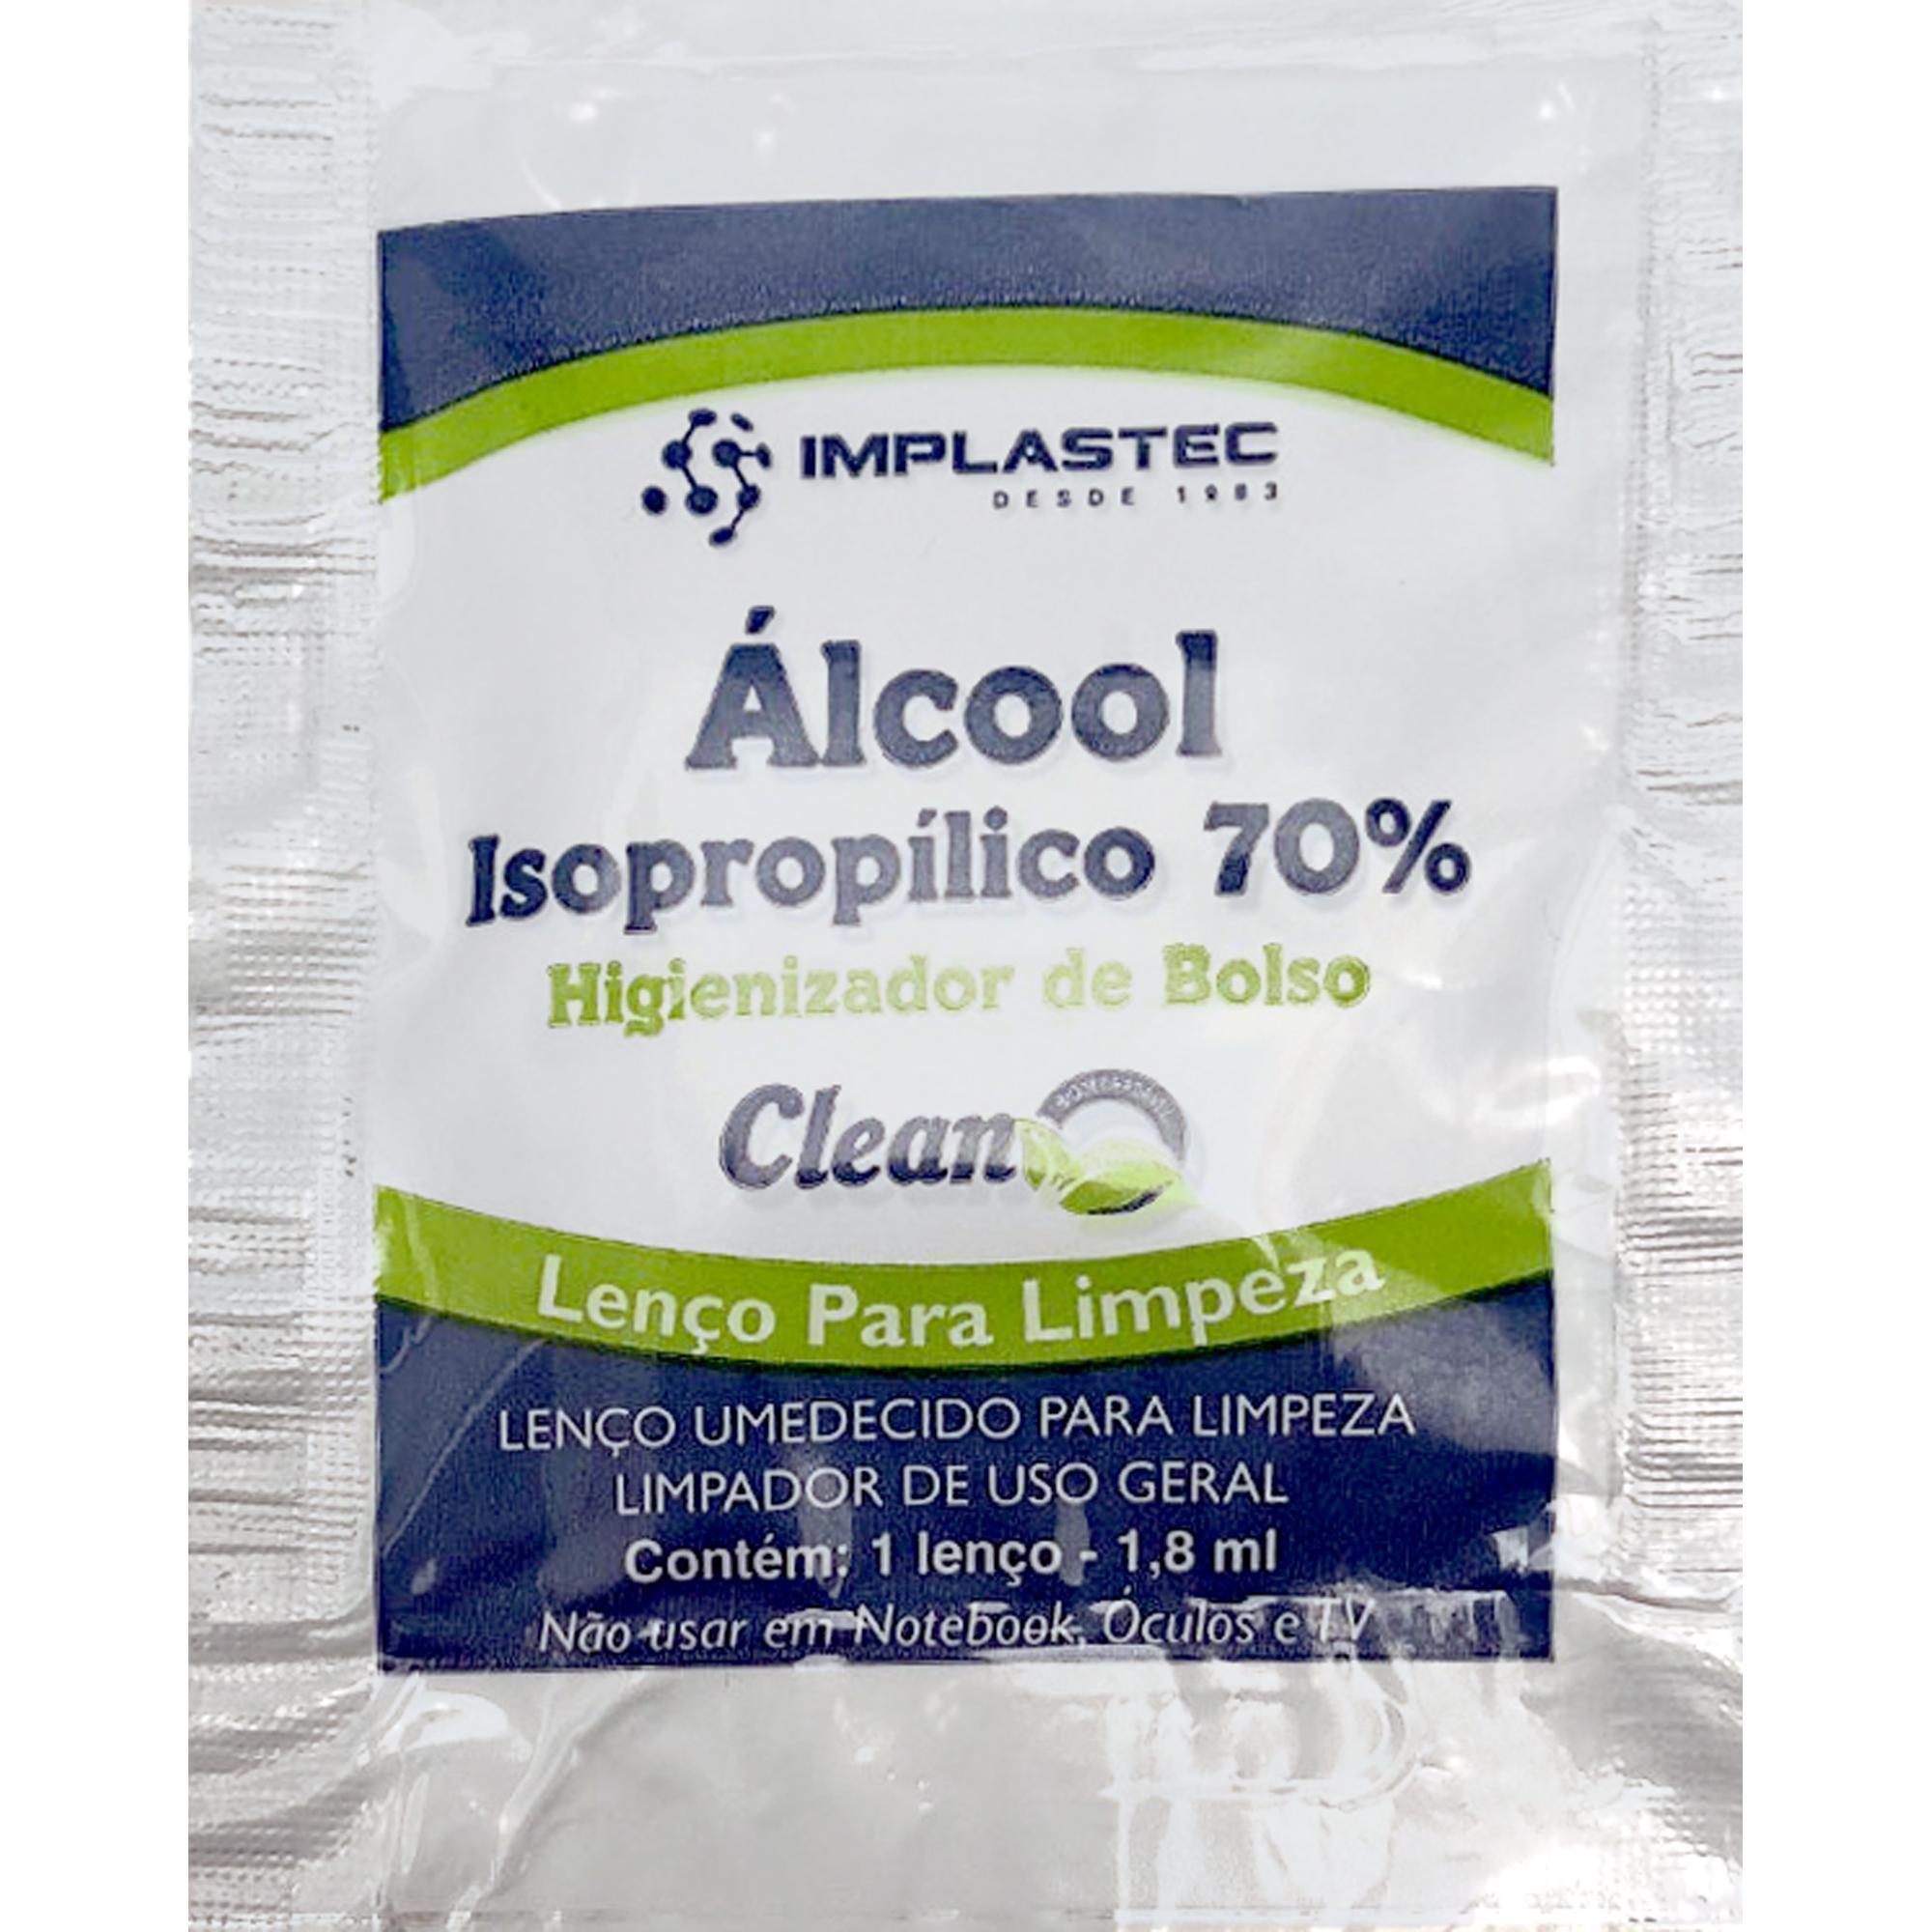 Higienizador de Bolso Clean IMPLASTEC com Álcool Isopropílico 70%